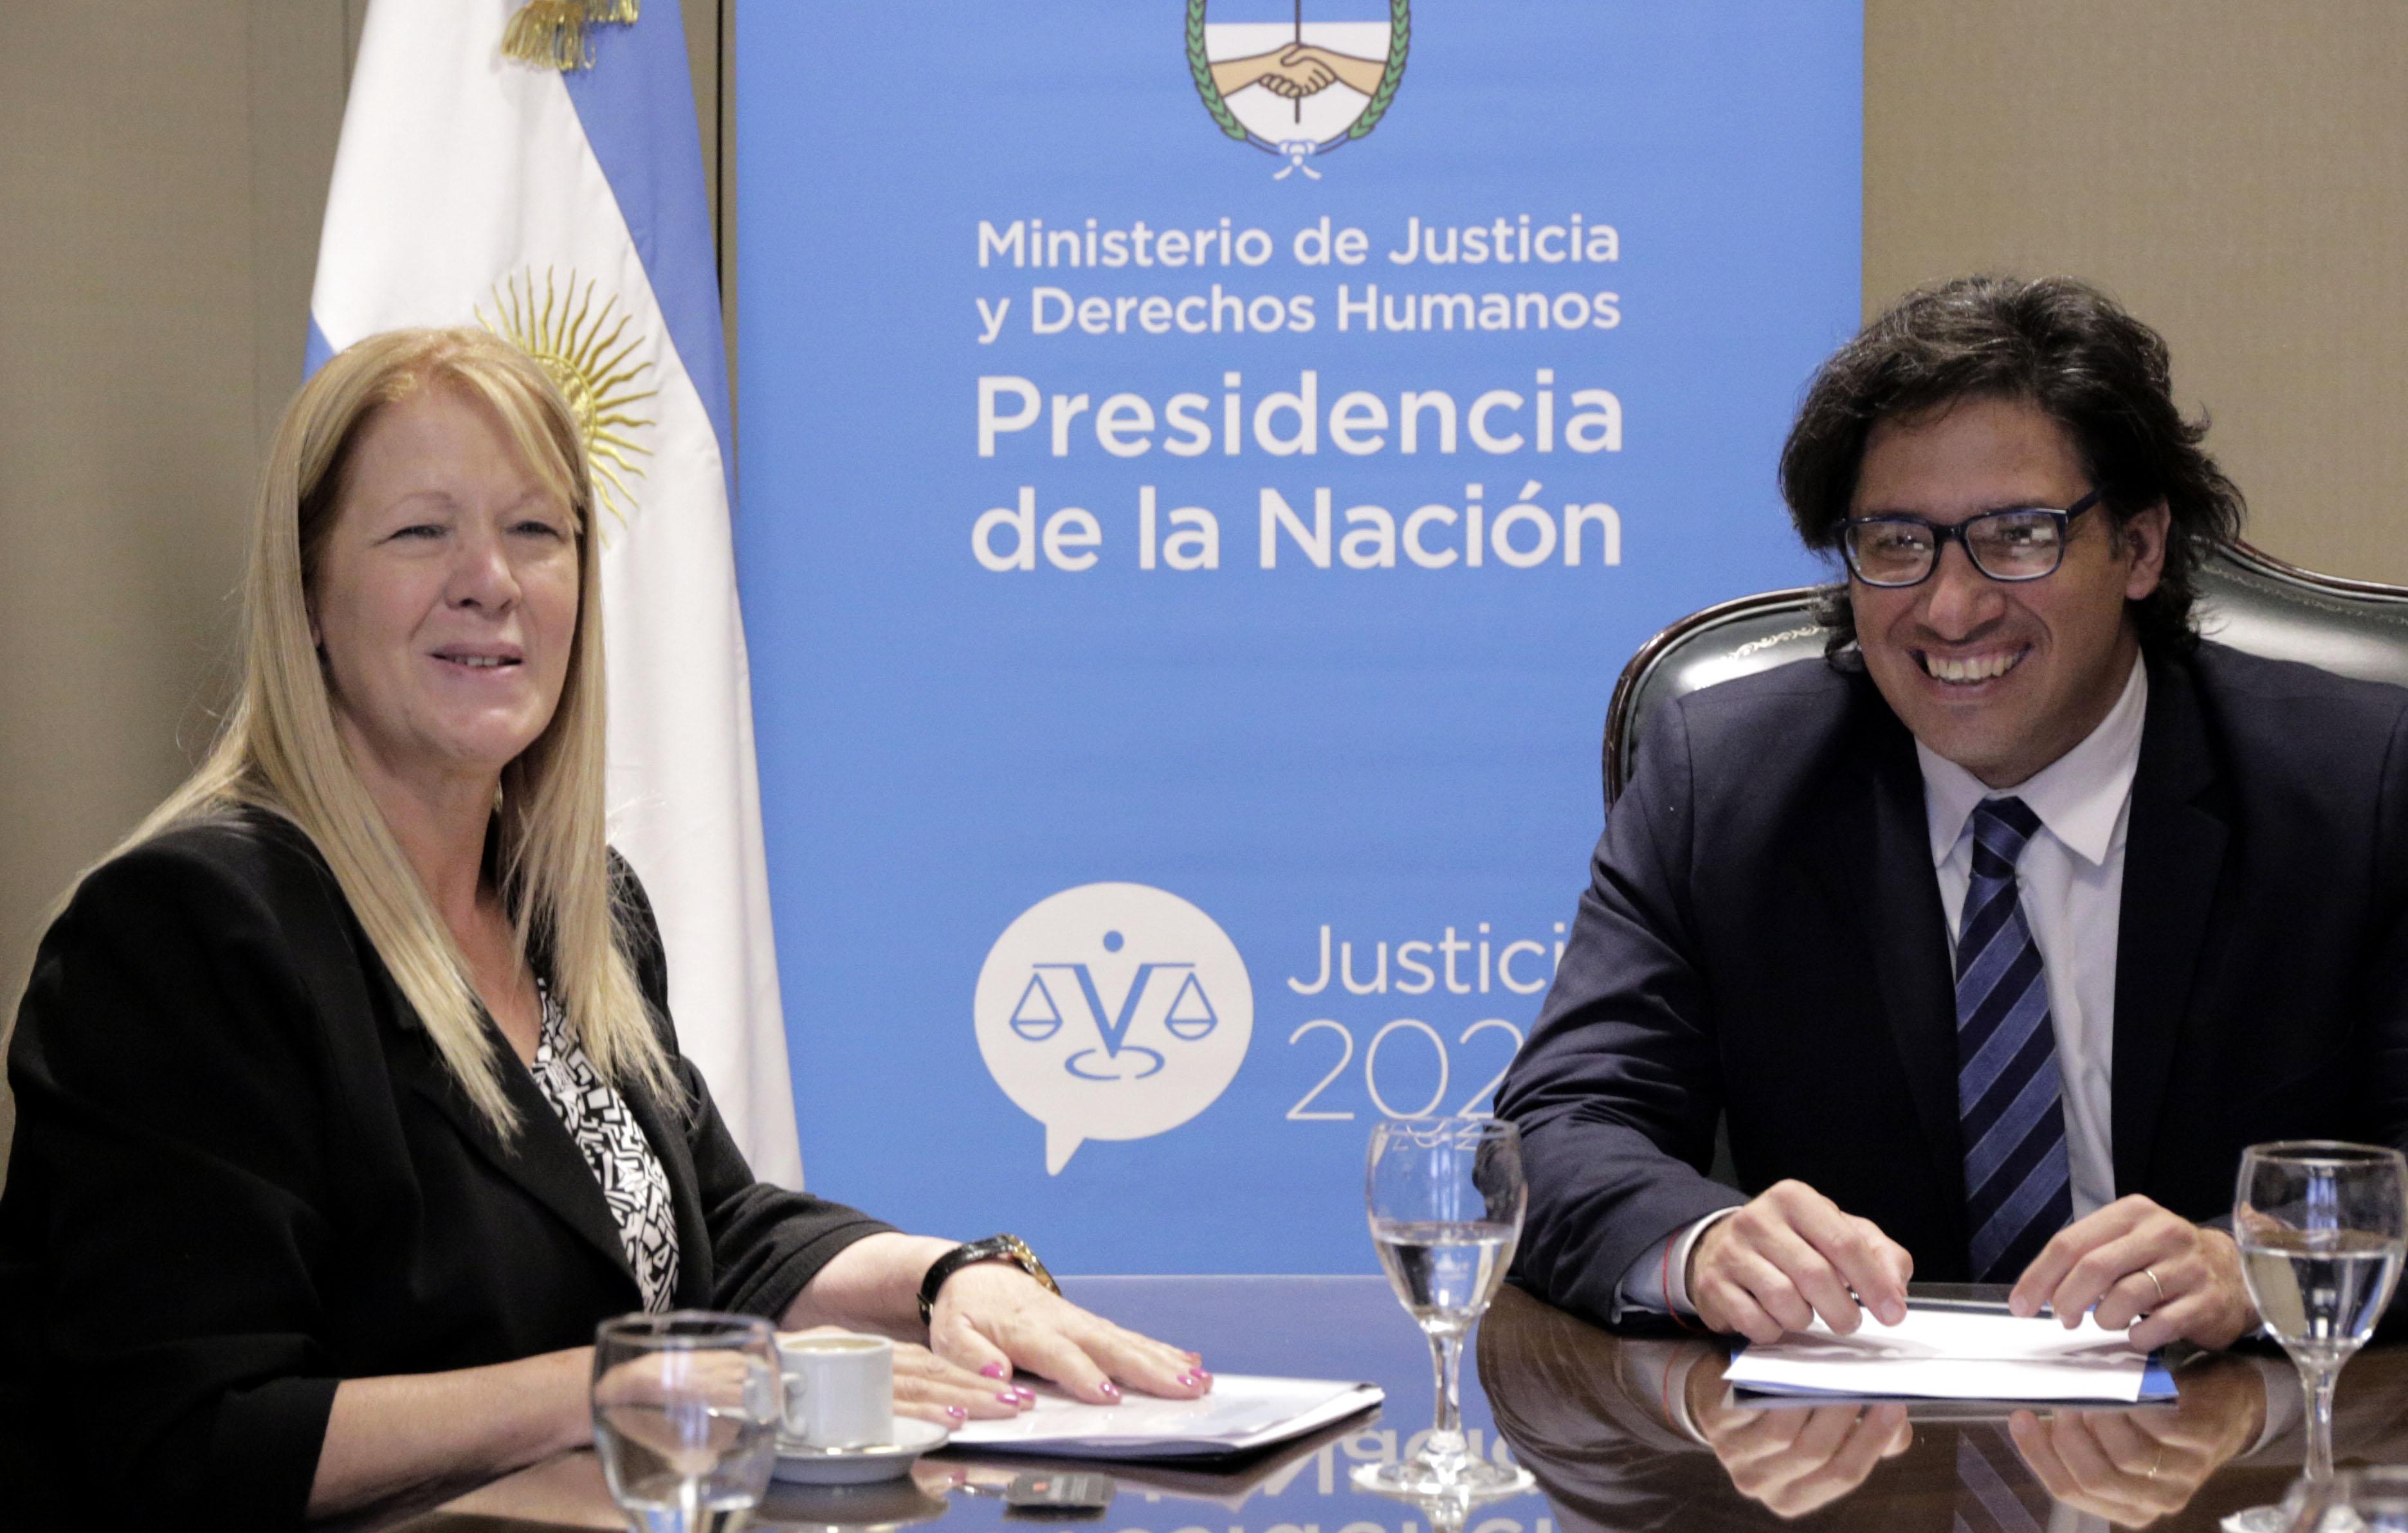 """""""Argentina debe mantener la defensa de los derechos humanos y el castigo a los crímenes de lesa humanidad como una política de estado""""."""